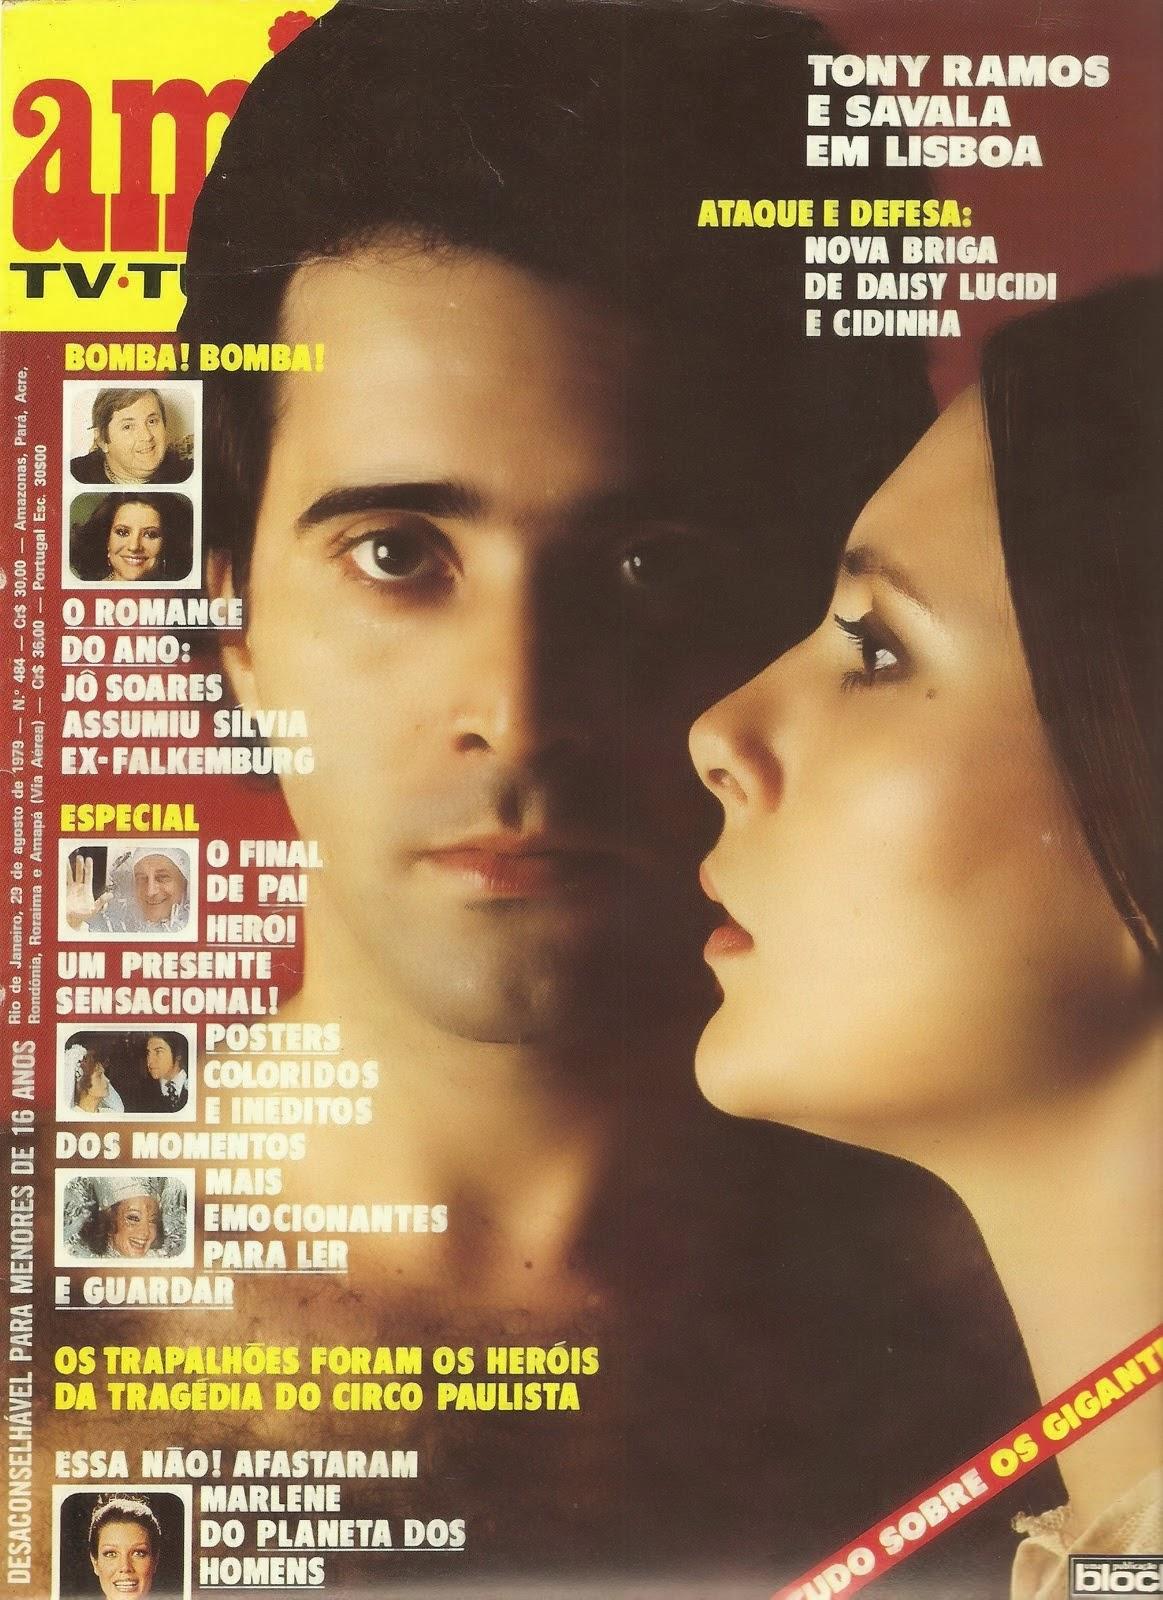 Dayse Lucidi Delightful tudo isso é tv: as capas da revista amiga 1979 - parte 2 final